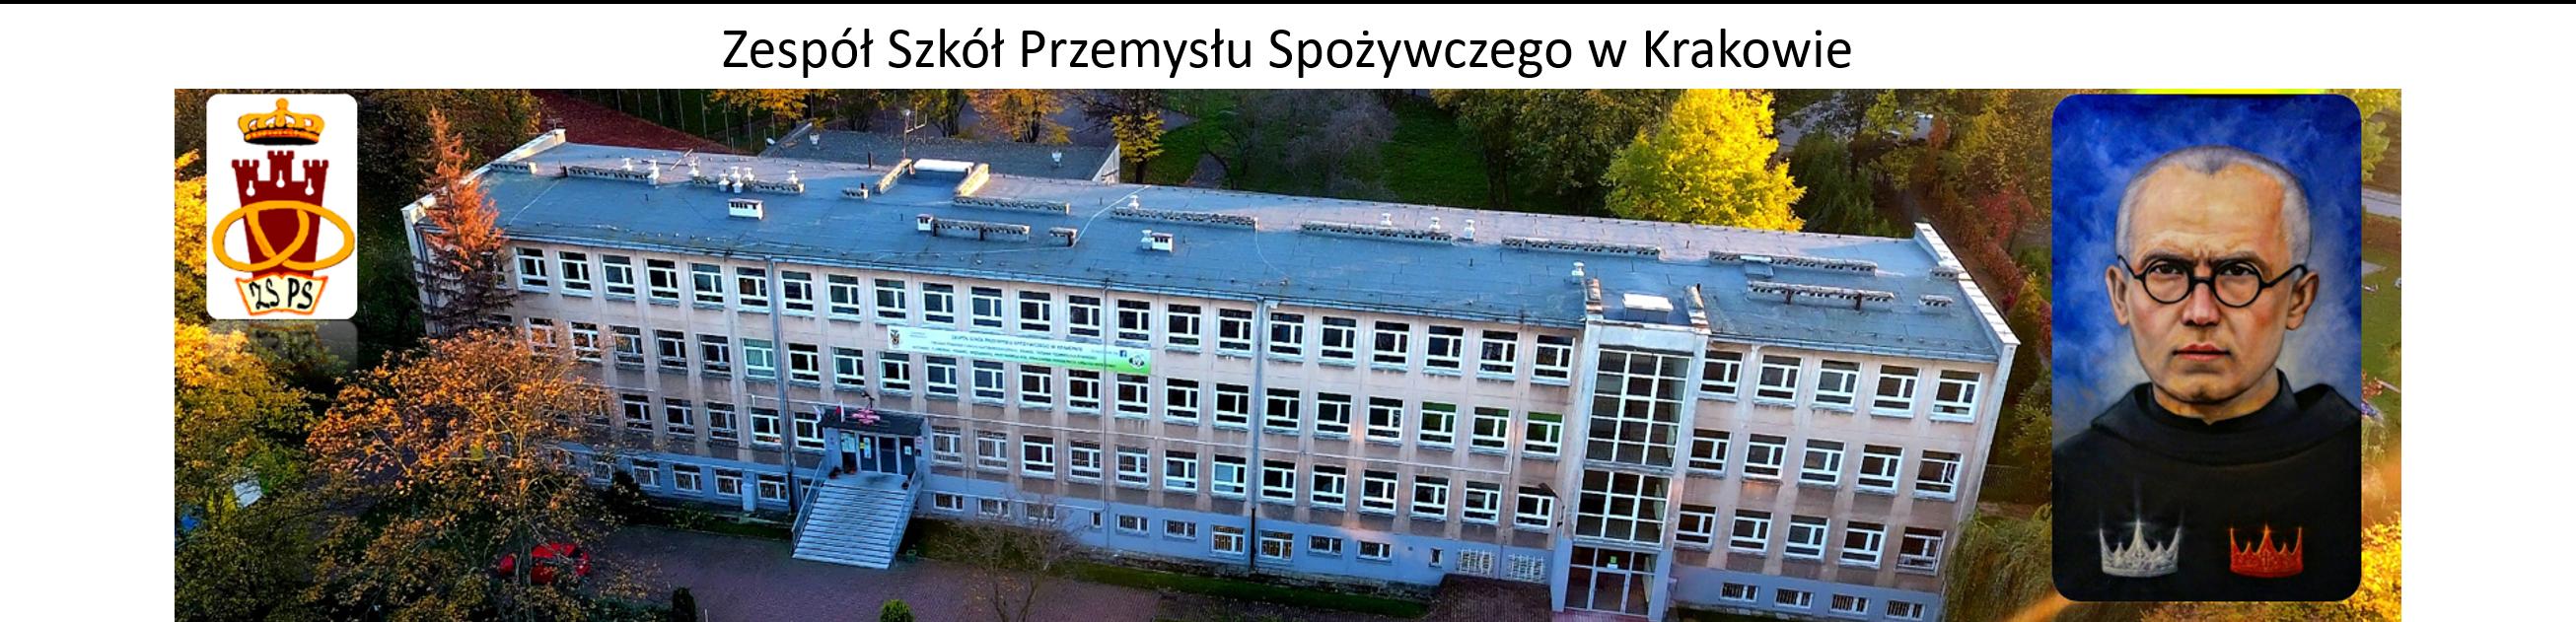 Zespół Szkół Przemysłu Spożywczego w Krakowie